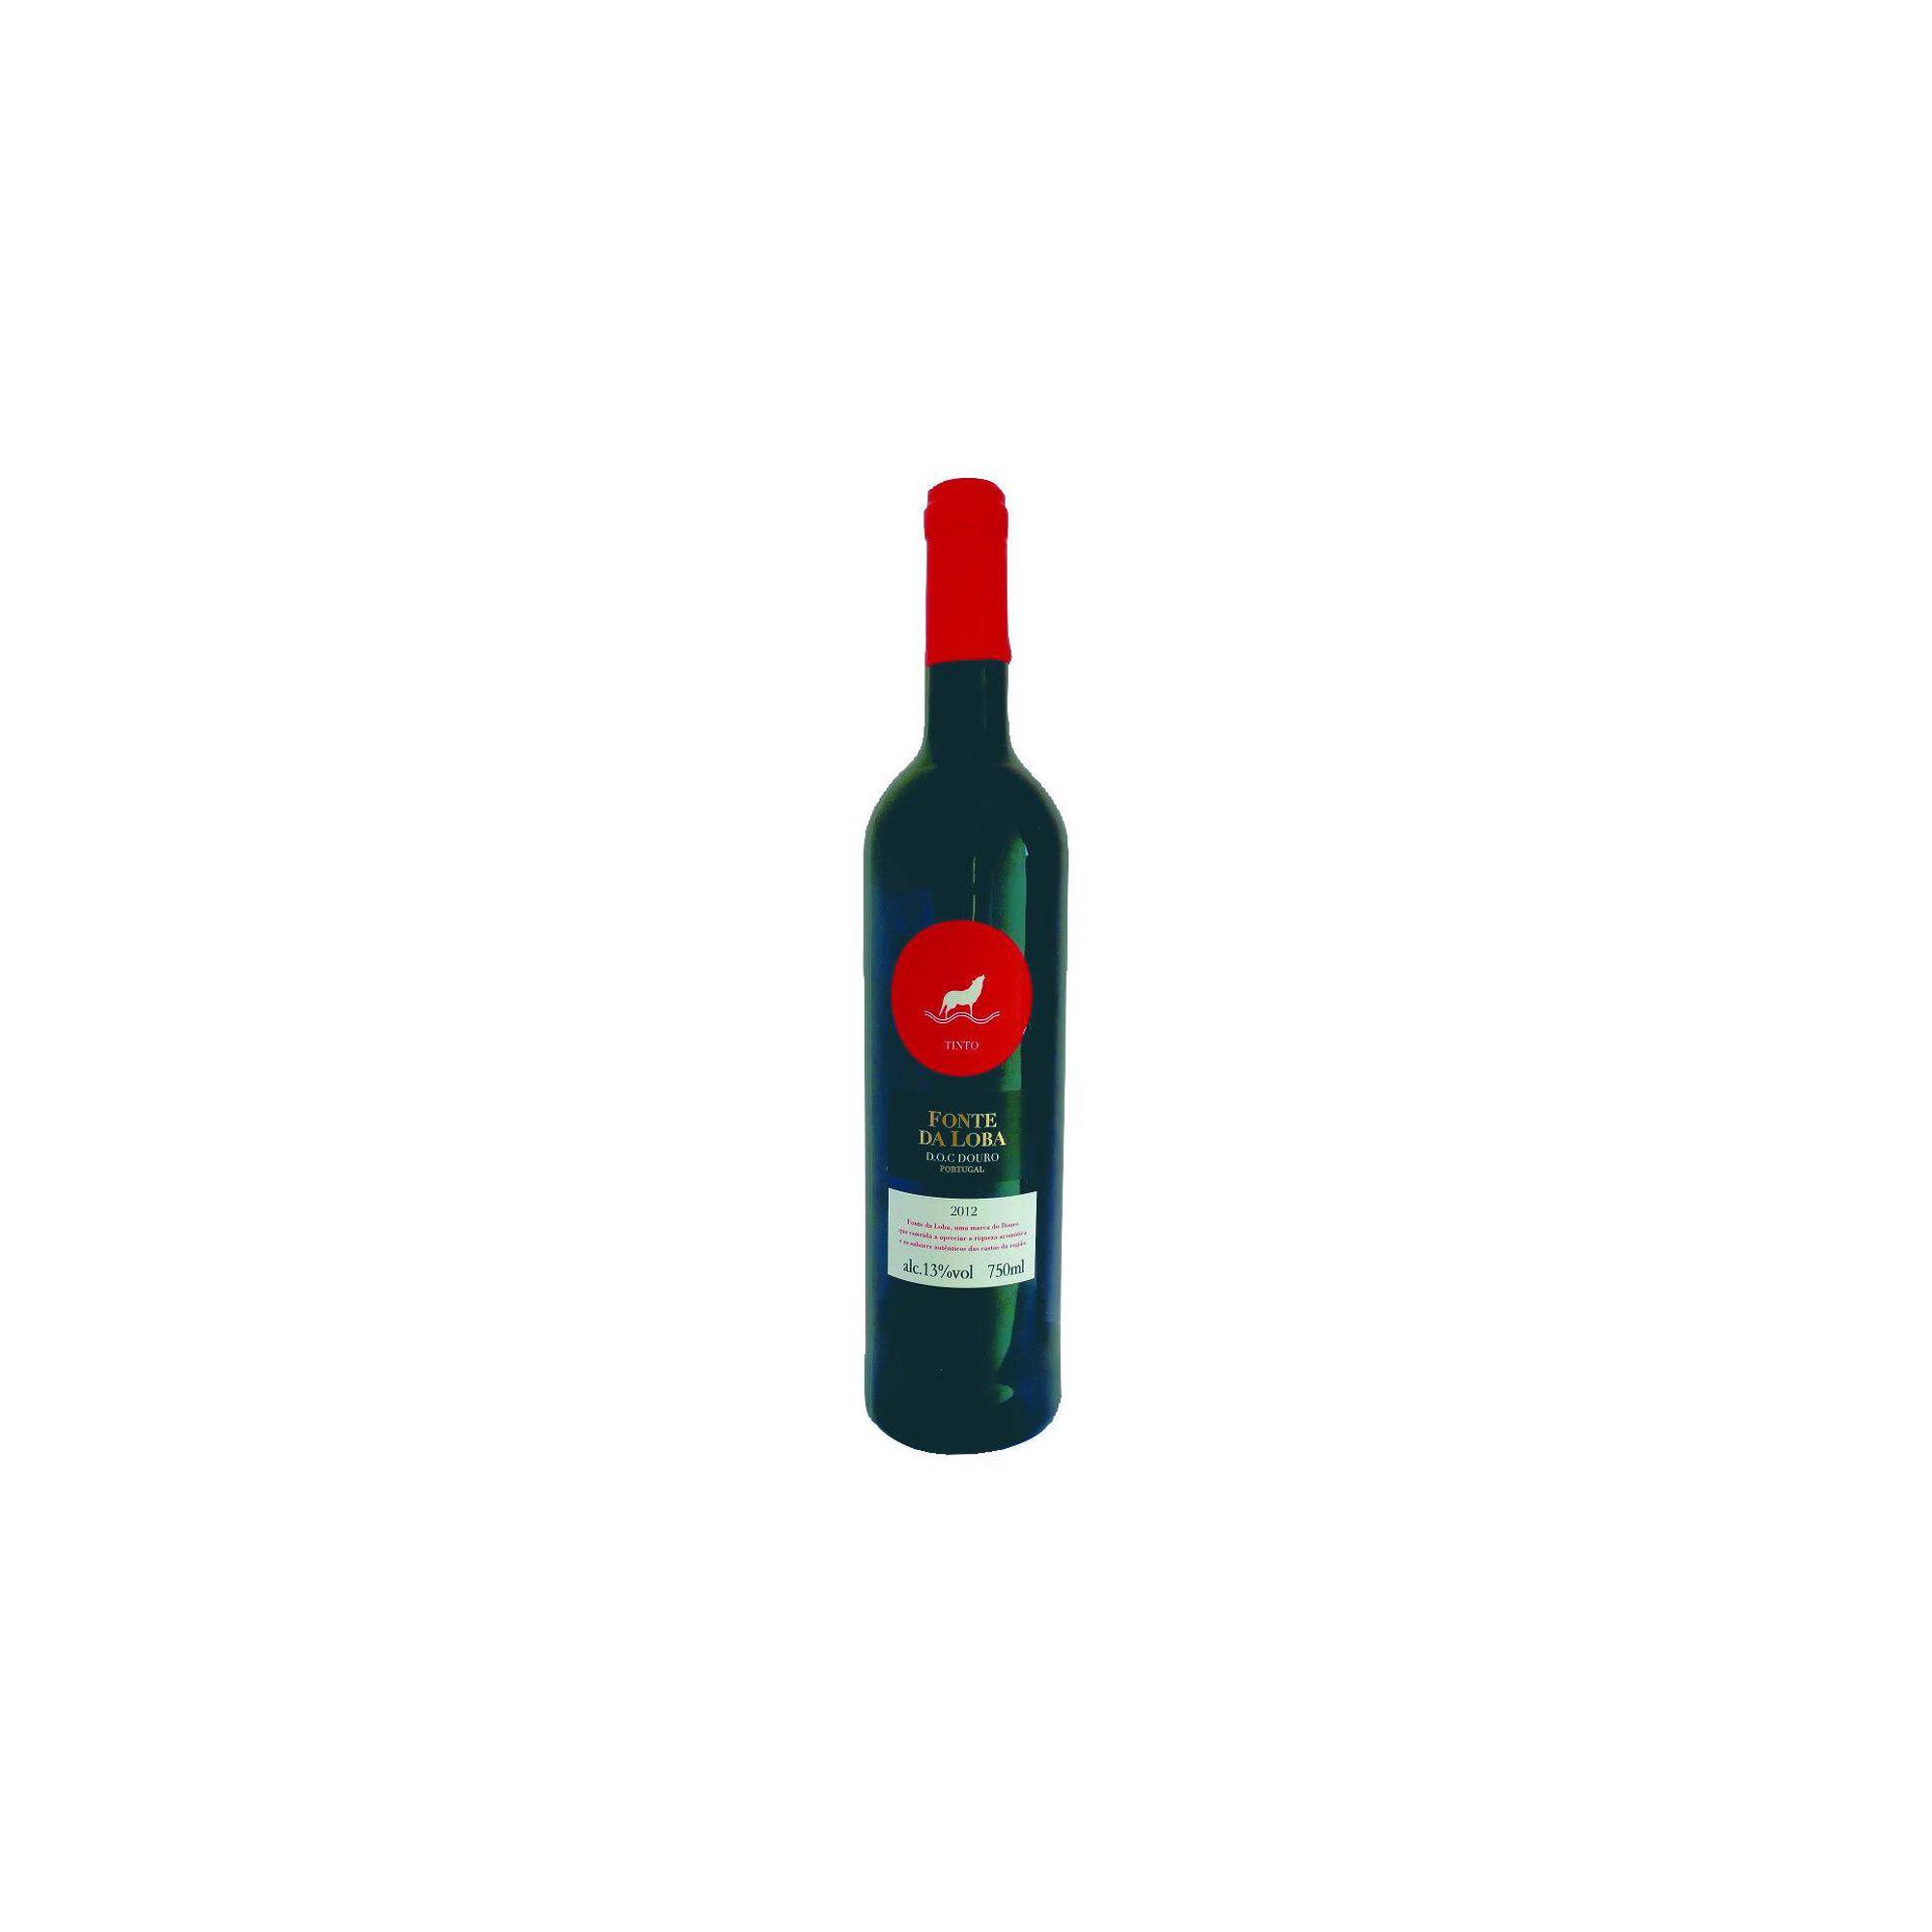 Fonte da Loba DOC Douro Vinho Tinto